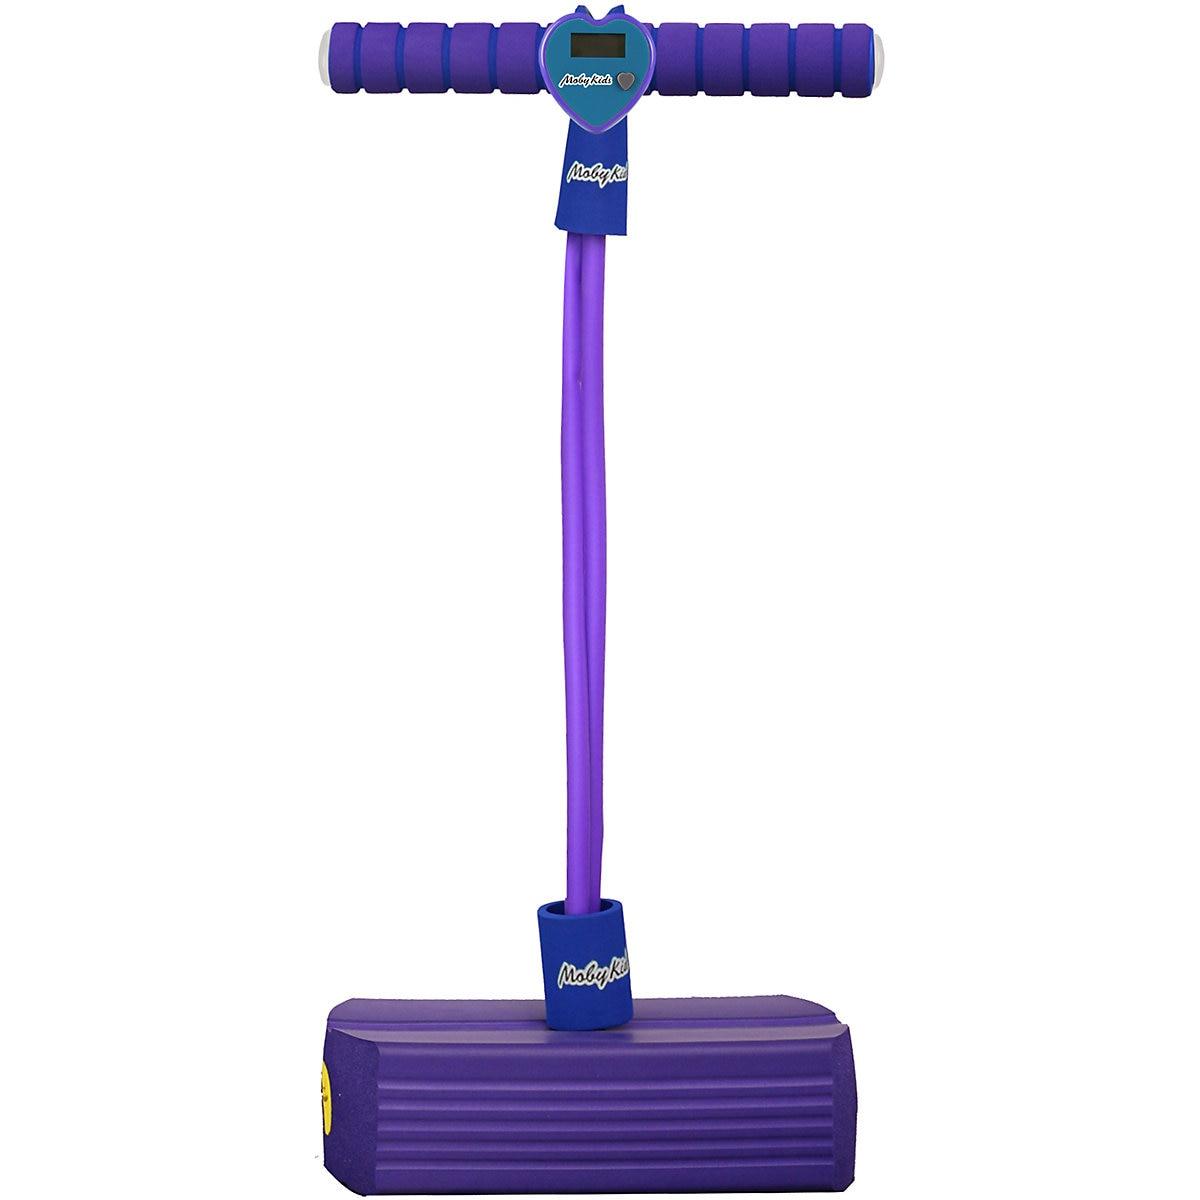 MOBY CRIANÇAS Ginásio de Atividade Do Bebê 10263706 criança brinquedos máquina de exercício para saltar para as meninas e meninos MTpromo